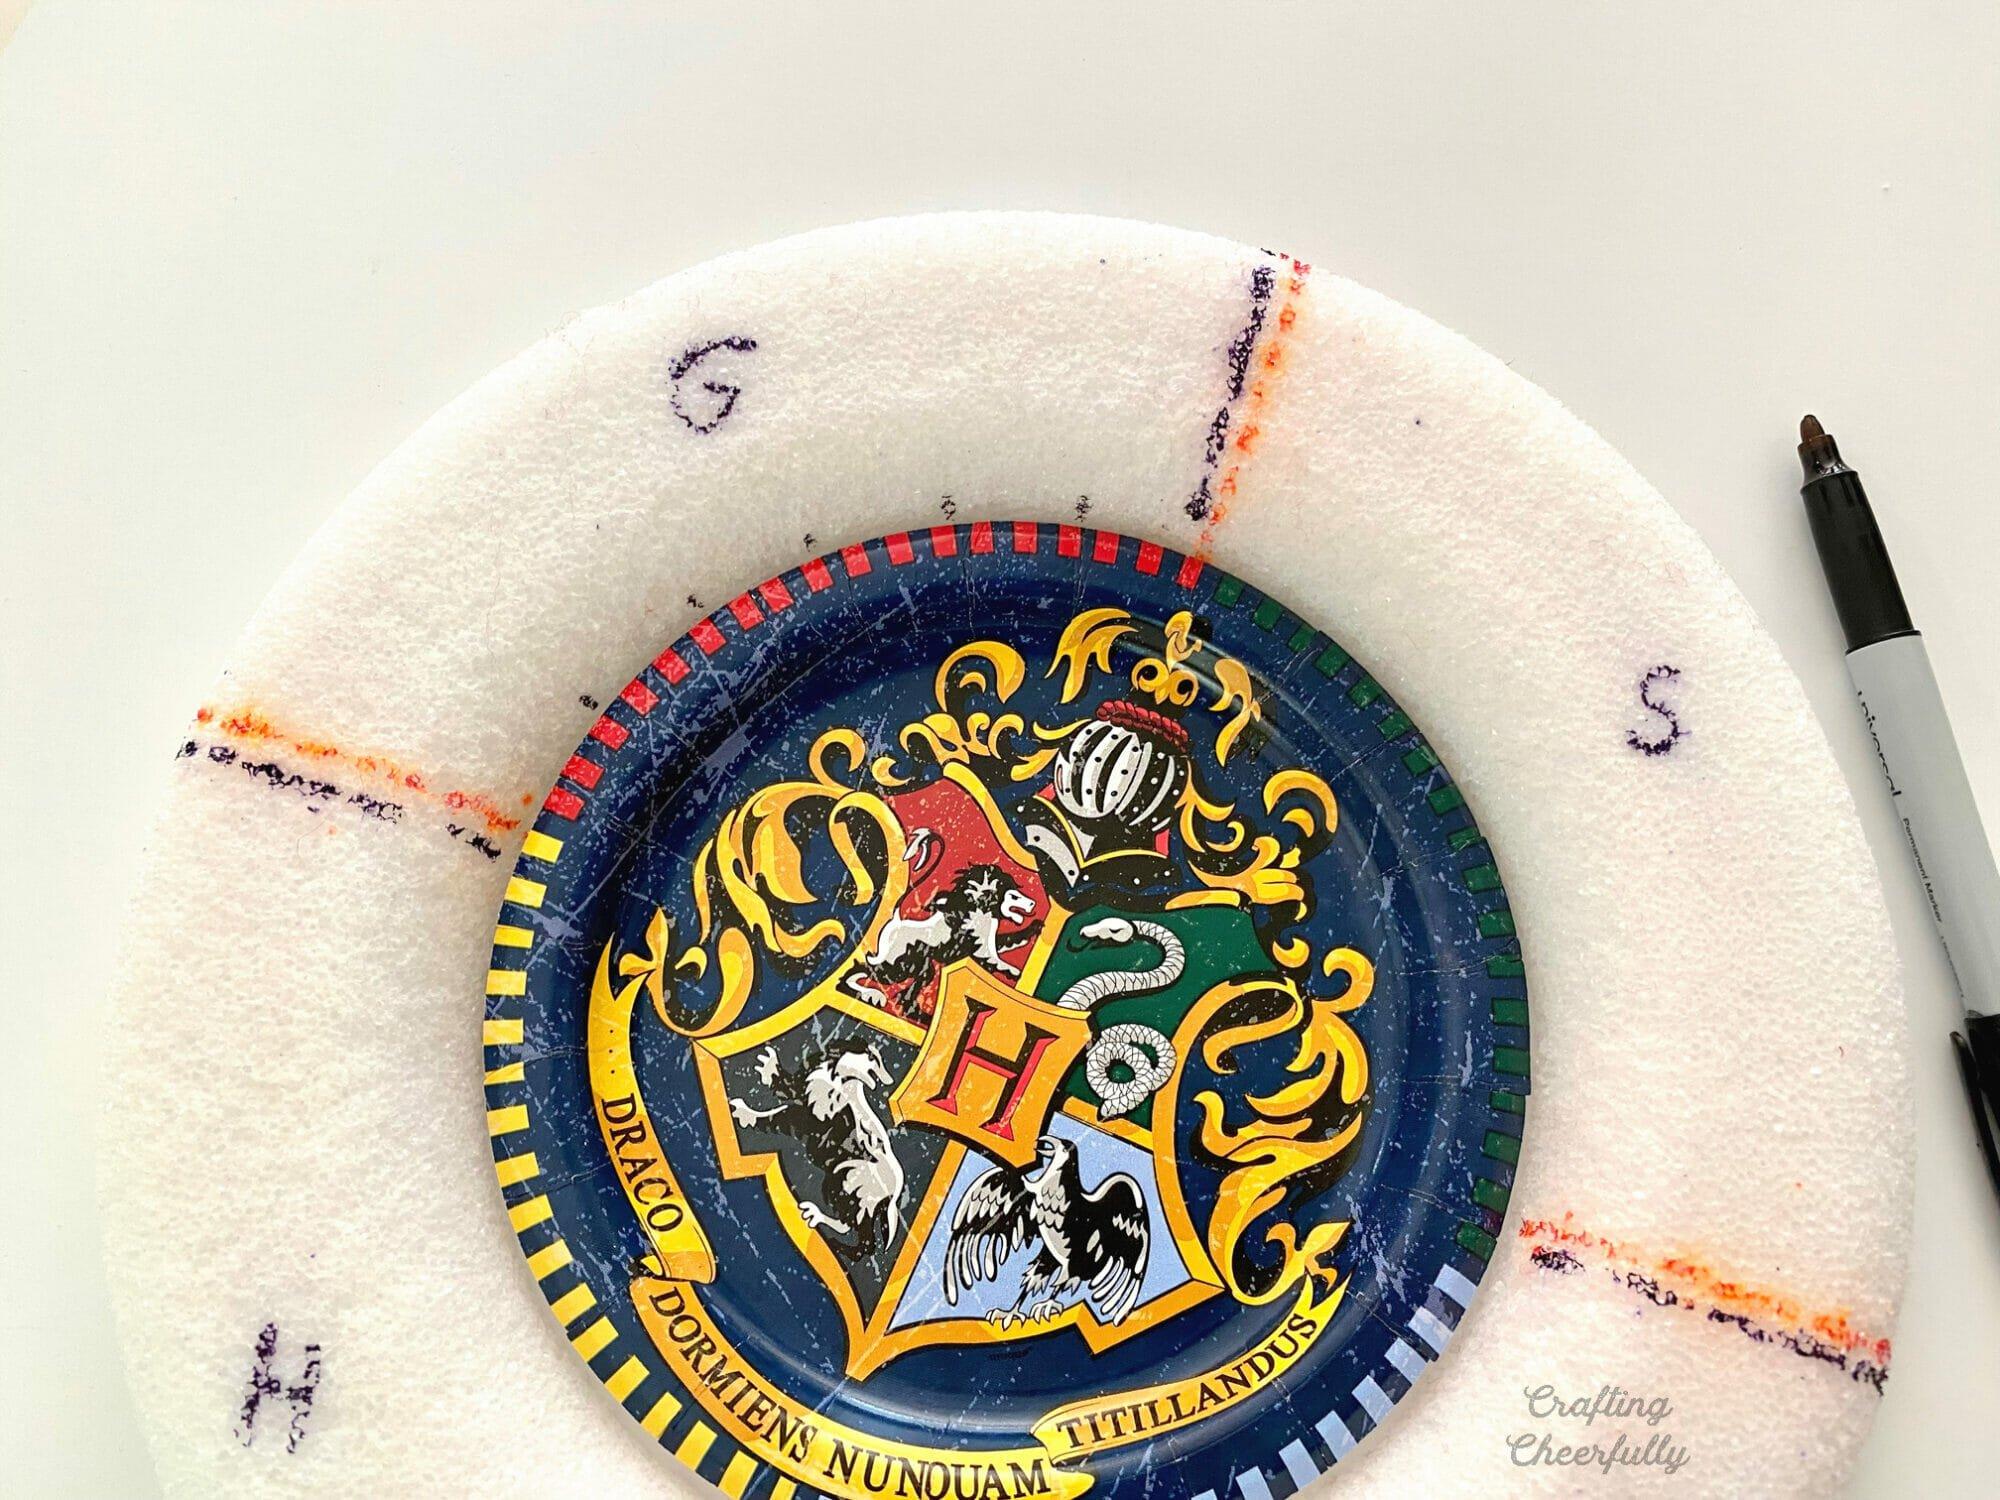 Harry Potter paper plate set inside a foam wreath.